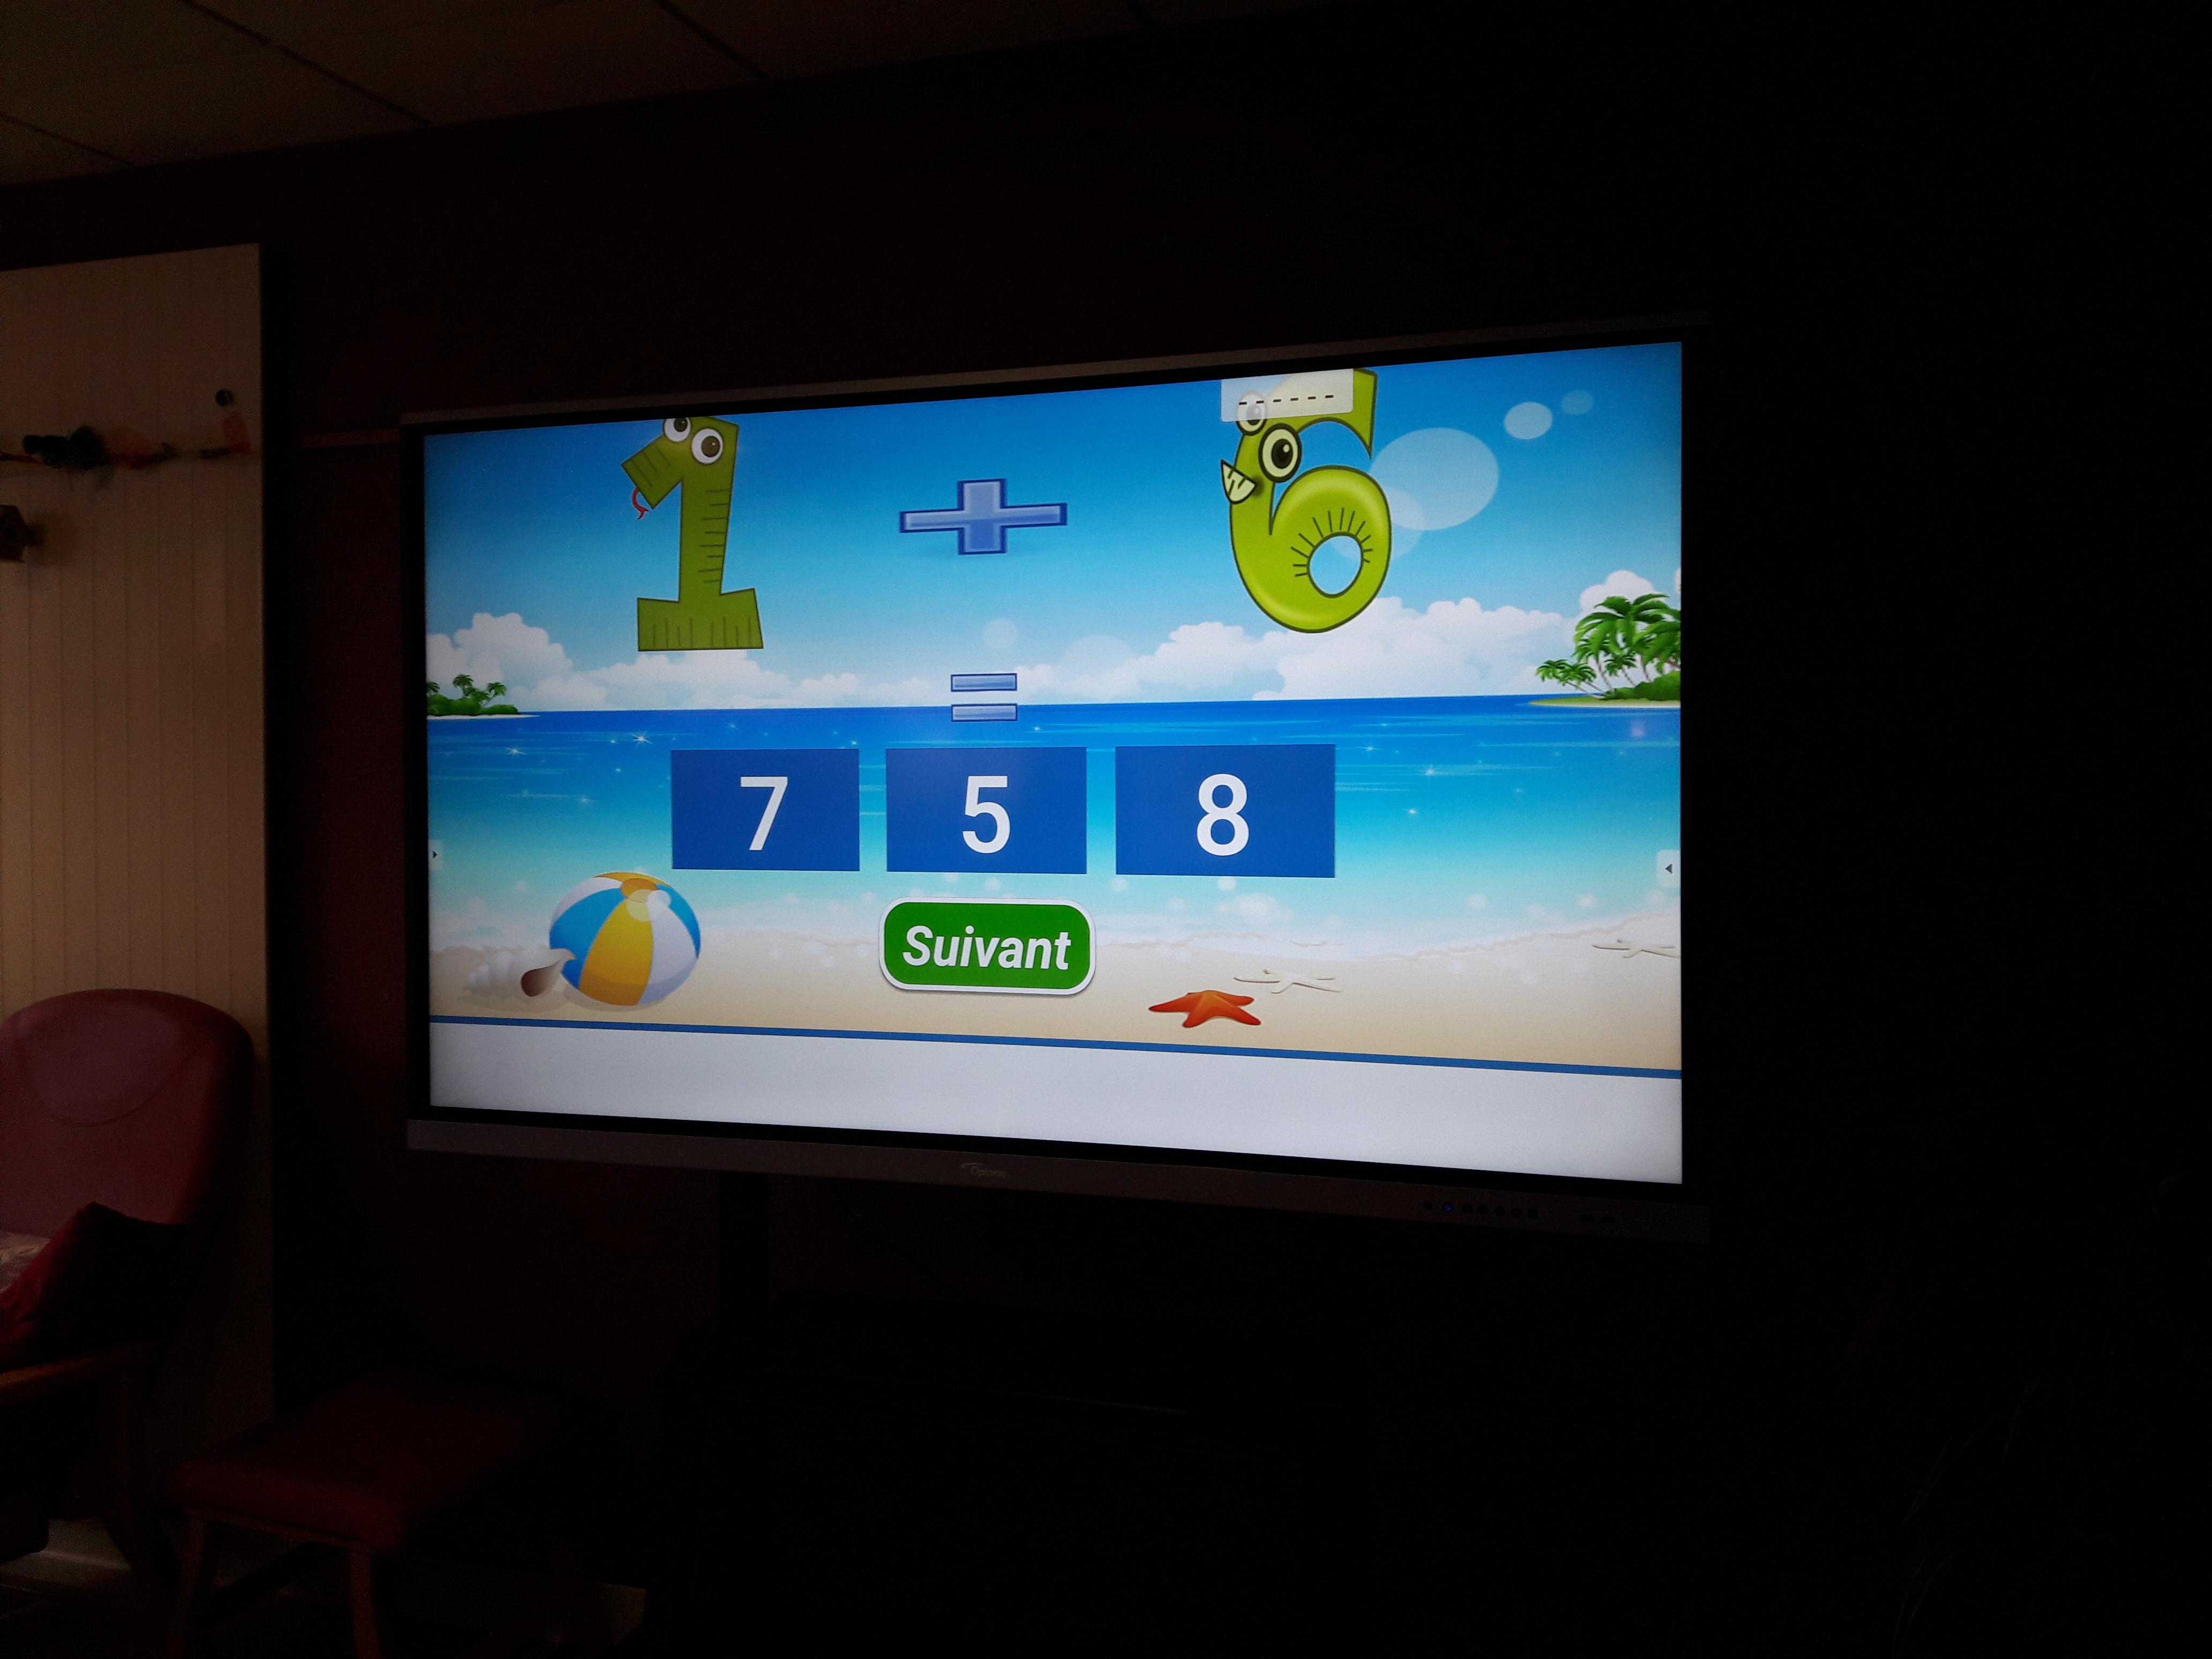 Un nouvel outil arrivé : un écran tactile interactif !!